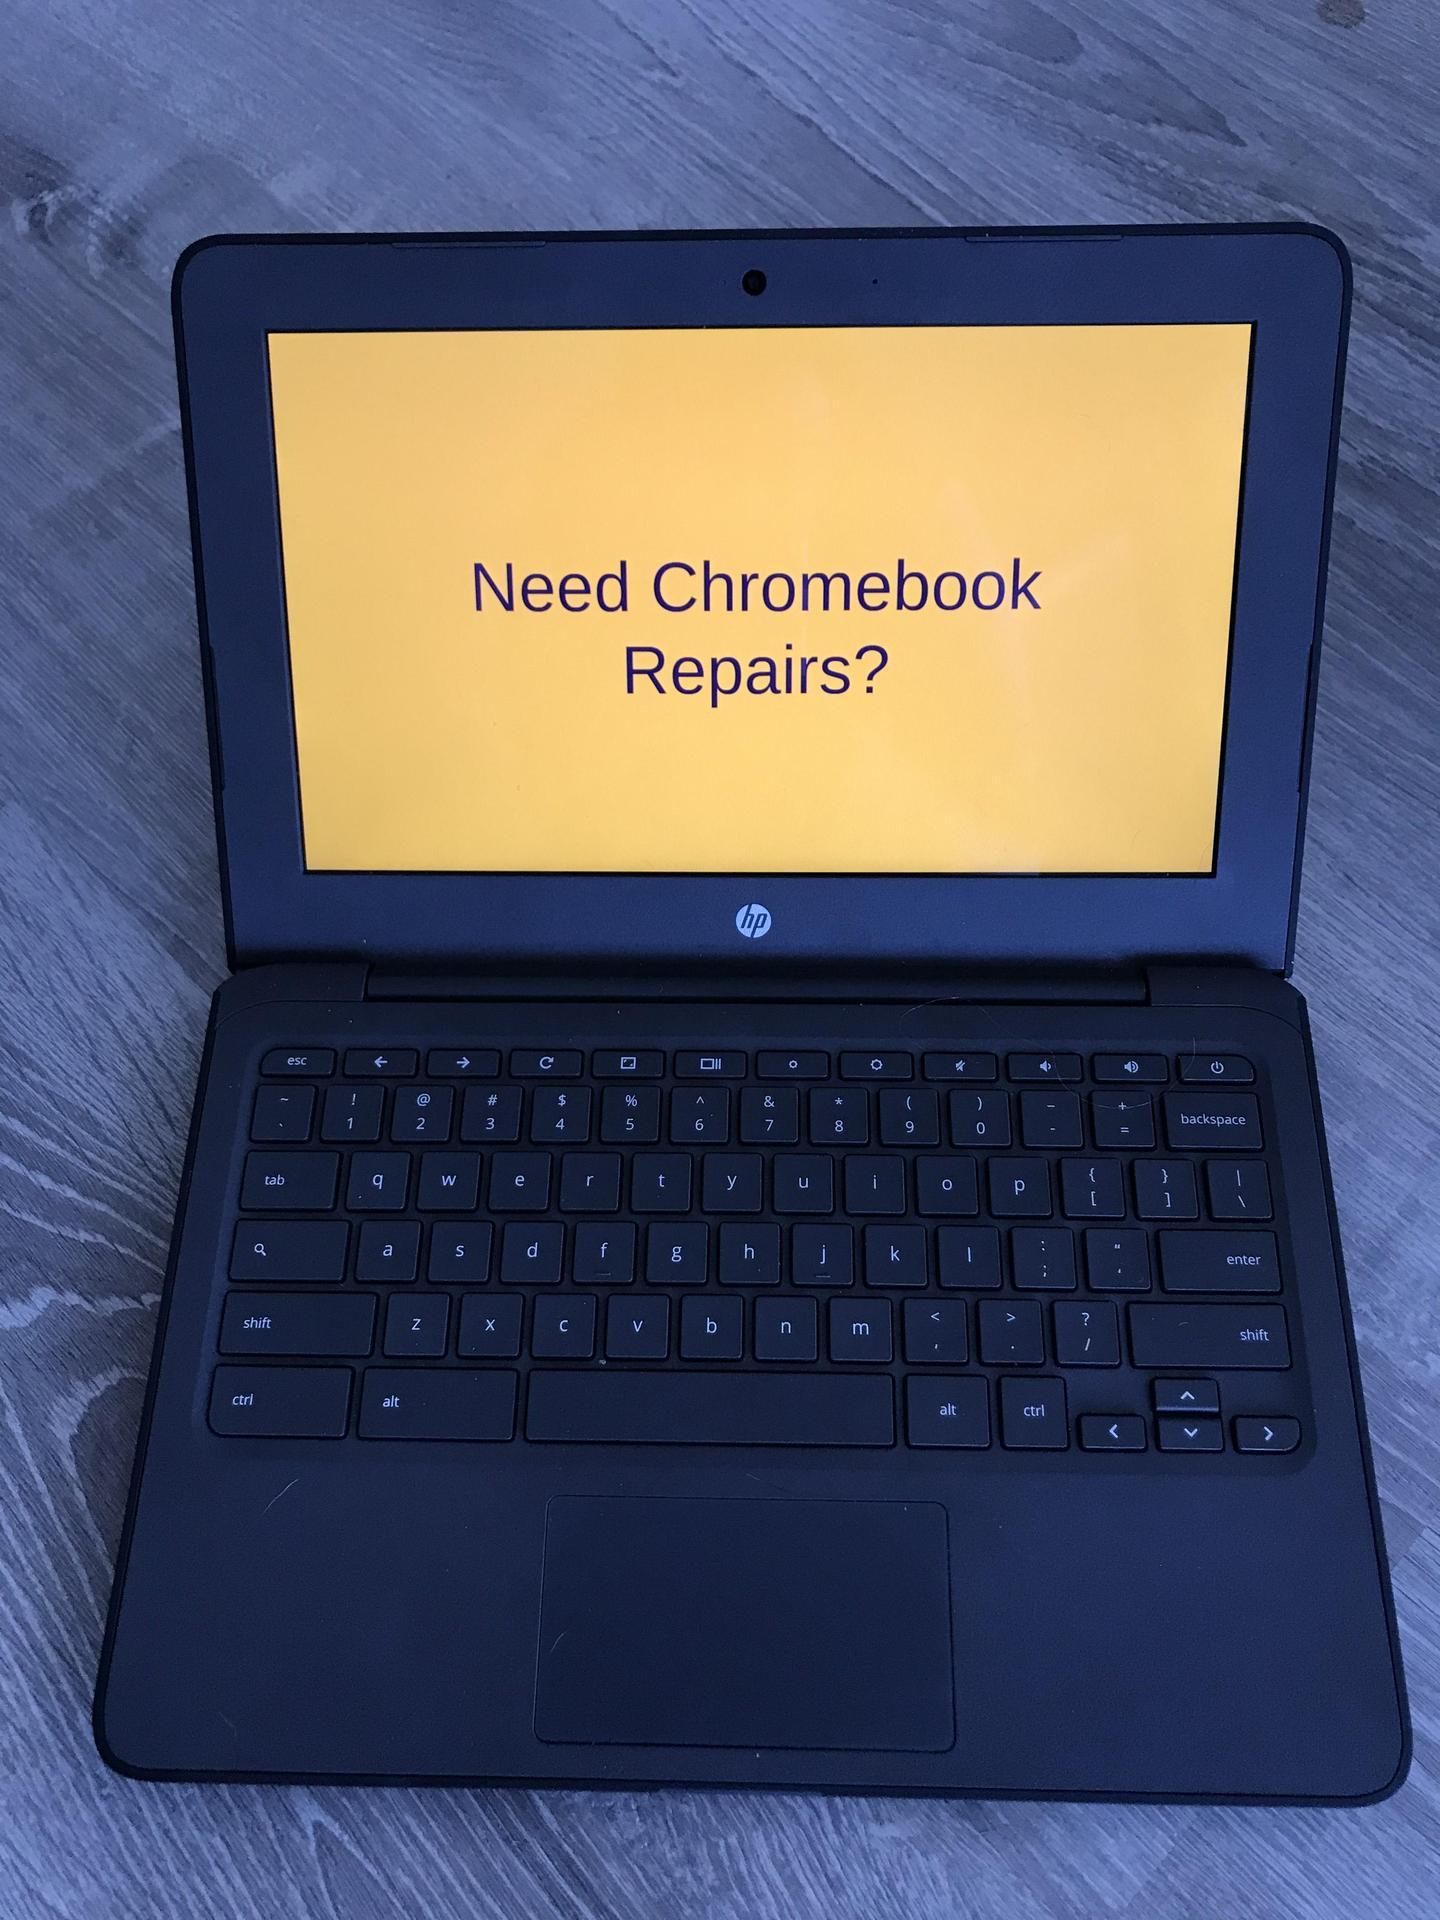 Need Chormebook Repairs